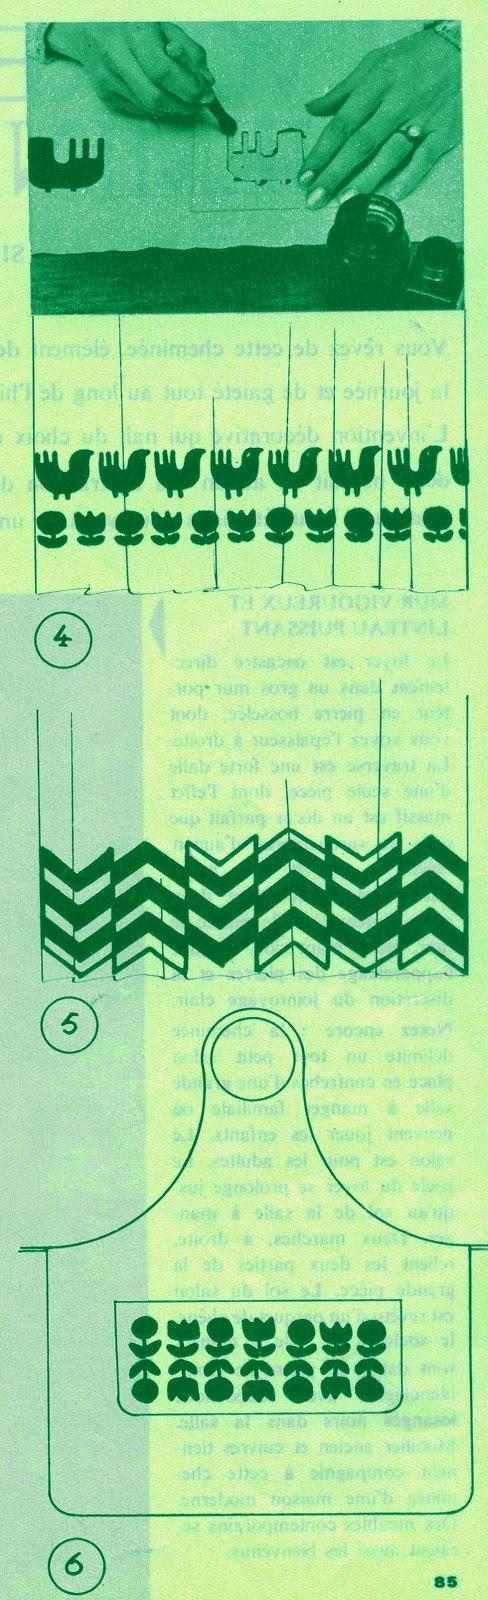 """vintage 1967 60s 1960 mod print stencil fabric impression pochoir sur tissu Ces différents ouvrages, vous les exécuterez vous-même - parce que vous avez le temps -  en imprimant sur tissu les motifs que nous vous proposons... et c'est déjà bien sympa de notre part .  Et alors là, quel plaisir d'offrir à vos proches un cadeau que vous aurez réalisé spécialement pour eux avec vos petits doigts  boudinés (ou pas) :  un magnifique étui """"Joe Strummer"""" pour y ranger le paquet de clopes  par exemple MATÉRIEL carton blanc petite brosse à pocher ou pinceau épais  encre indélébile pour tissu, que yous trouverez dans les magasins spécialisés en fournitures de dessin.  EXECUTION 1.  Décalquez le motif désiré et  reportez-le sur le carton en ménageant tout autour  un   bord  de  3   à 5 cm. 2.  Evidez le motif à l'aide d'une  plume  vaccinostyle que  vous trouverez dans les magasins spécialisés en fournitures   de  dessin   ou dans les pharmacies, à défaut, de fins ciseaux feront l'affaire. 3.  Posez la cache sur le tissu bien tendu.  Fixez-le aux quatre coins avec des punaises. Avec le pinceau ou la brosse à pocher, remplissez les parties ajourées, en ayant soin durant tout le travail, de maintenir, de la main gauche, la cache sur le tissu afin qu'aucun décalage ne se produise. Nous vous conseillons de faire un essai sur un morceau de tissu. Ainsi vous pourrez vous familiariser avec une technique qui vous permettra de réaliser des merveilles. 4.  Répétez    ou    alternez les motifs , suivant   votre goût   ou   votre   imagination. La premiere futée qui remarquera que je n'ai pas les instructions  5. et 6. , je lui paye une bière à Slapshot !"""